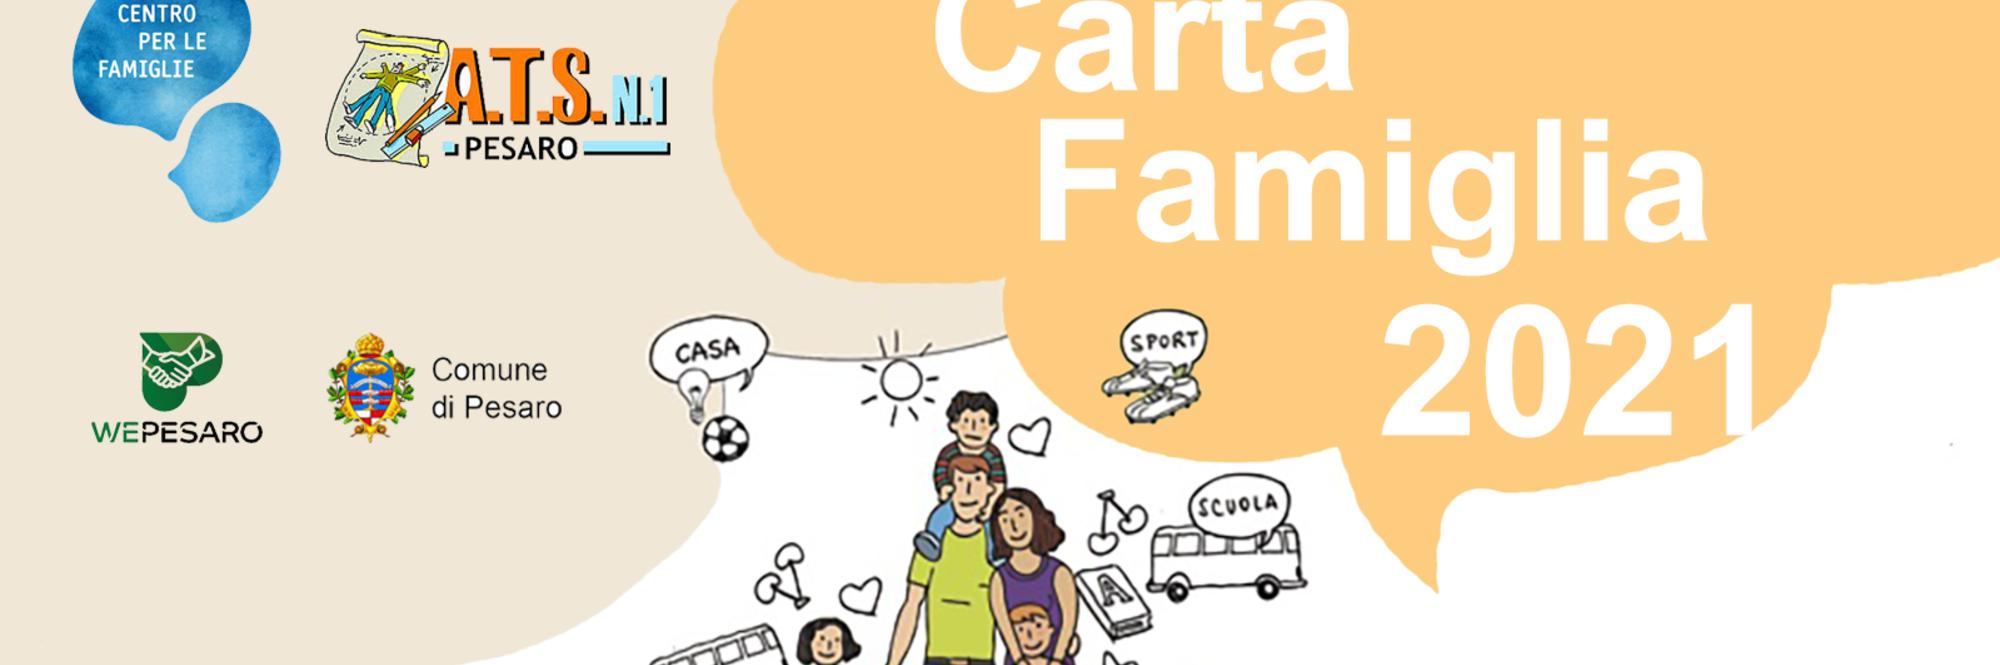 Volantino carta famiglia